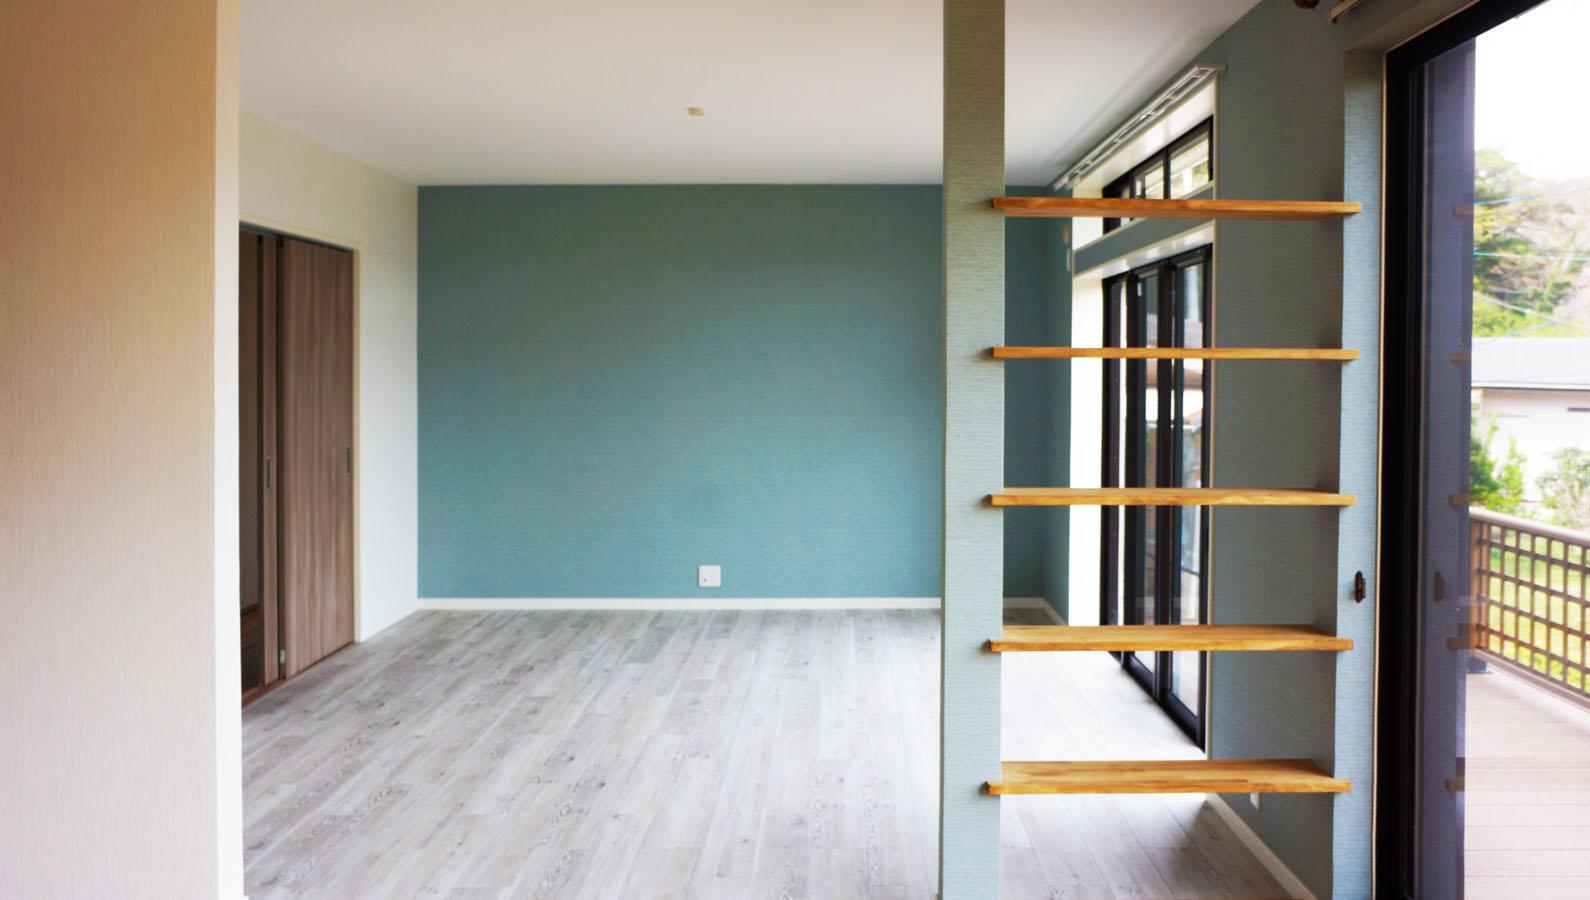 和室を改修して、リビングと繋がった空間は明るく、外の緑も見えて、気持ちが良いです。